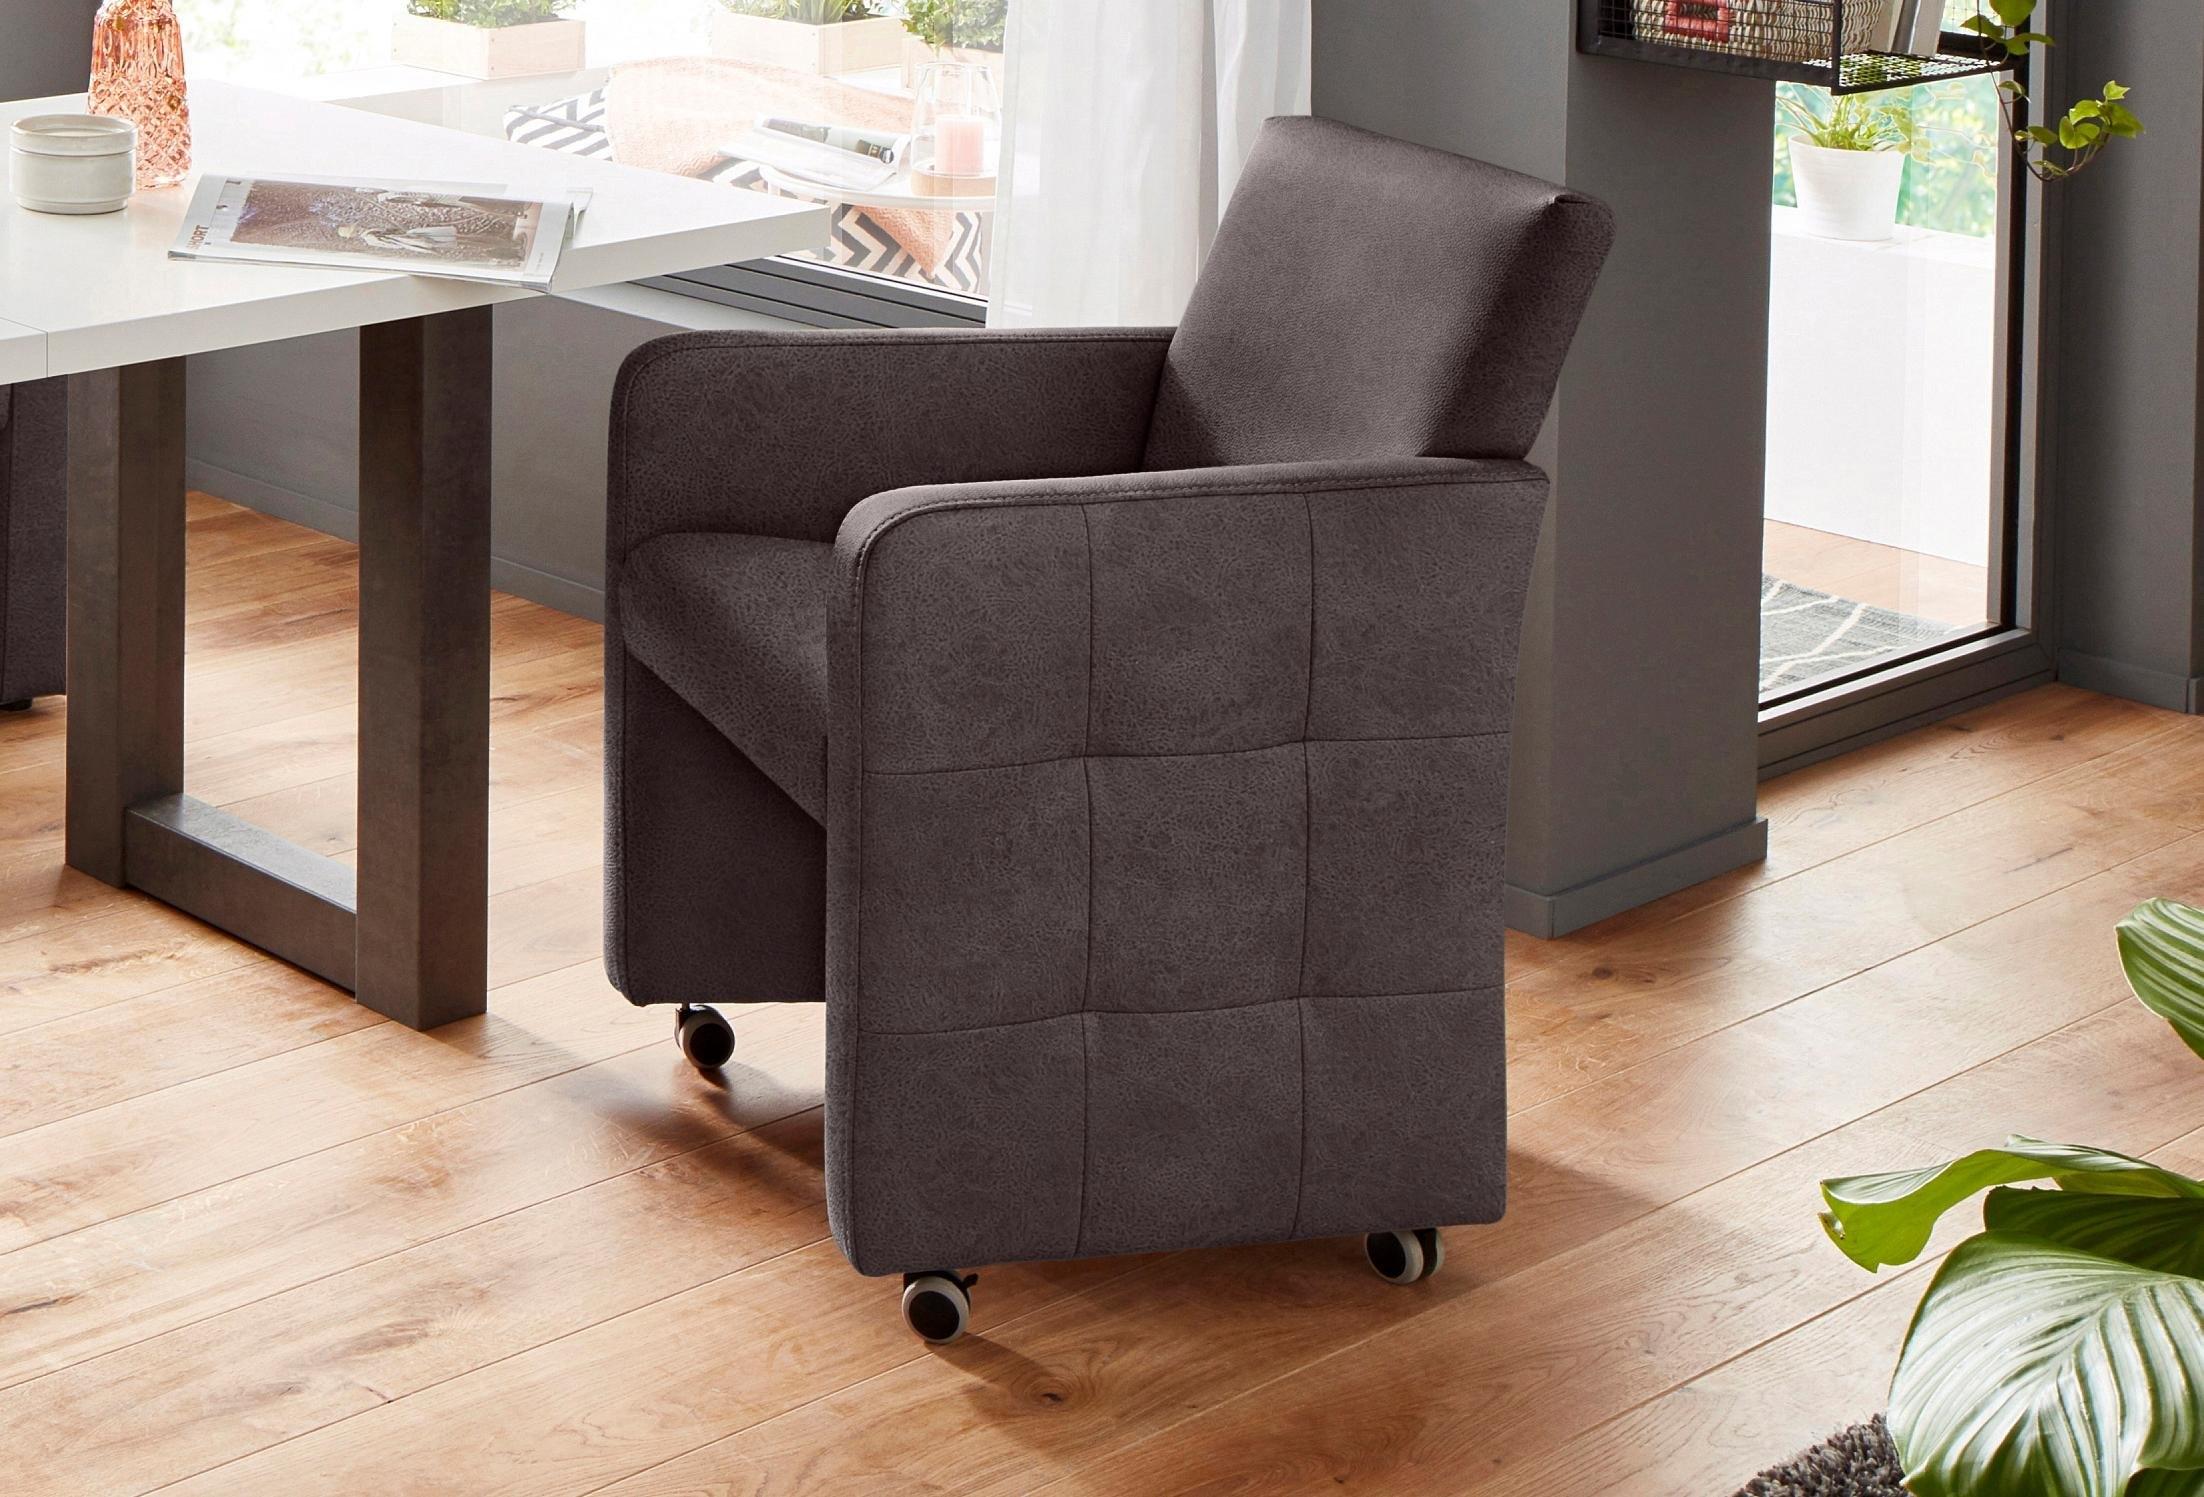 Exxpo - Sofa Fashion Gala Collezione fauteuil, breedte 61 cm nu online kopen bij OTTO